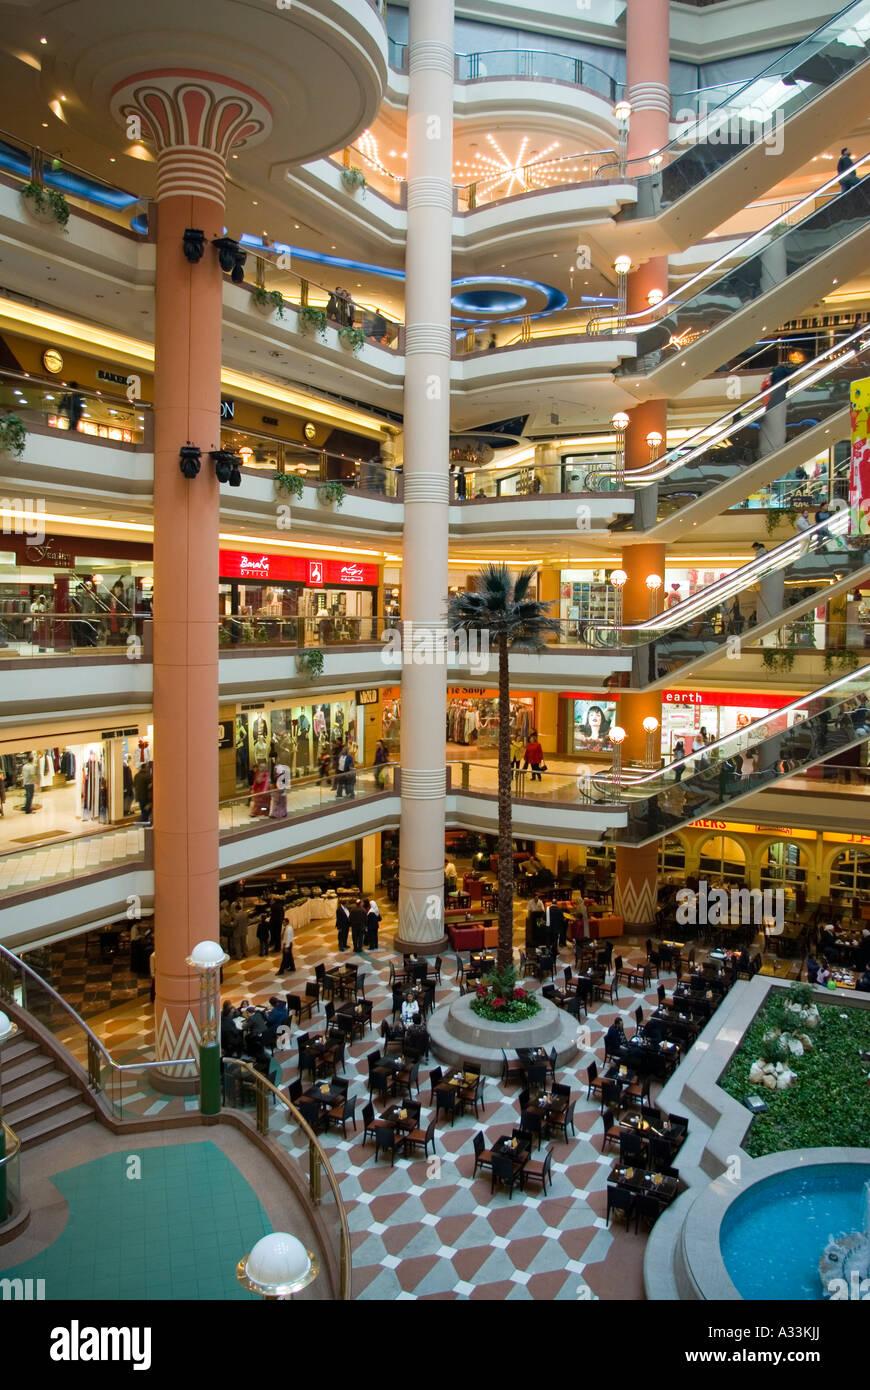 Central atrium city stars mall nasr city cairo egypt Cairo shop